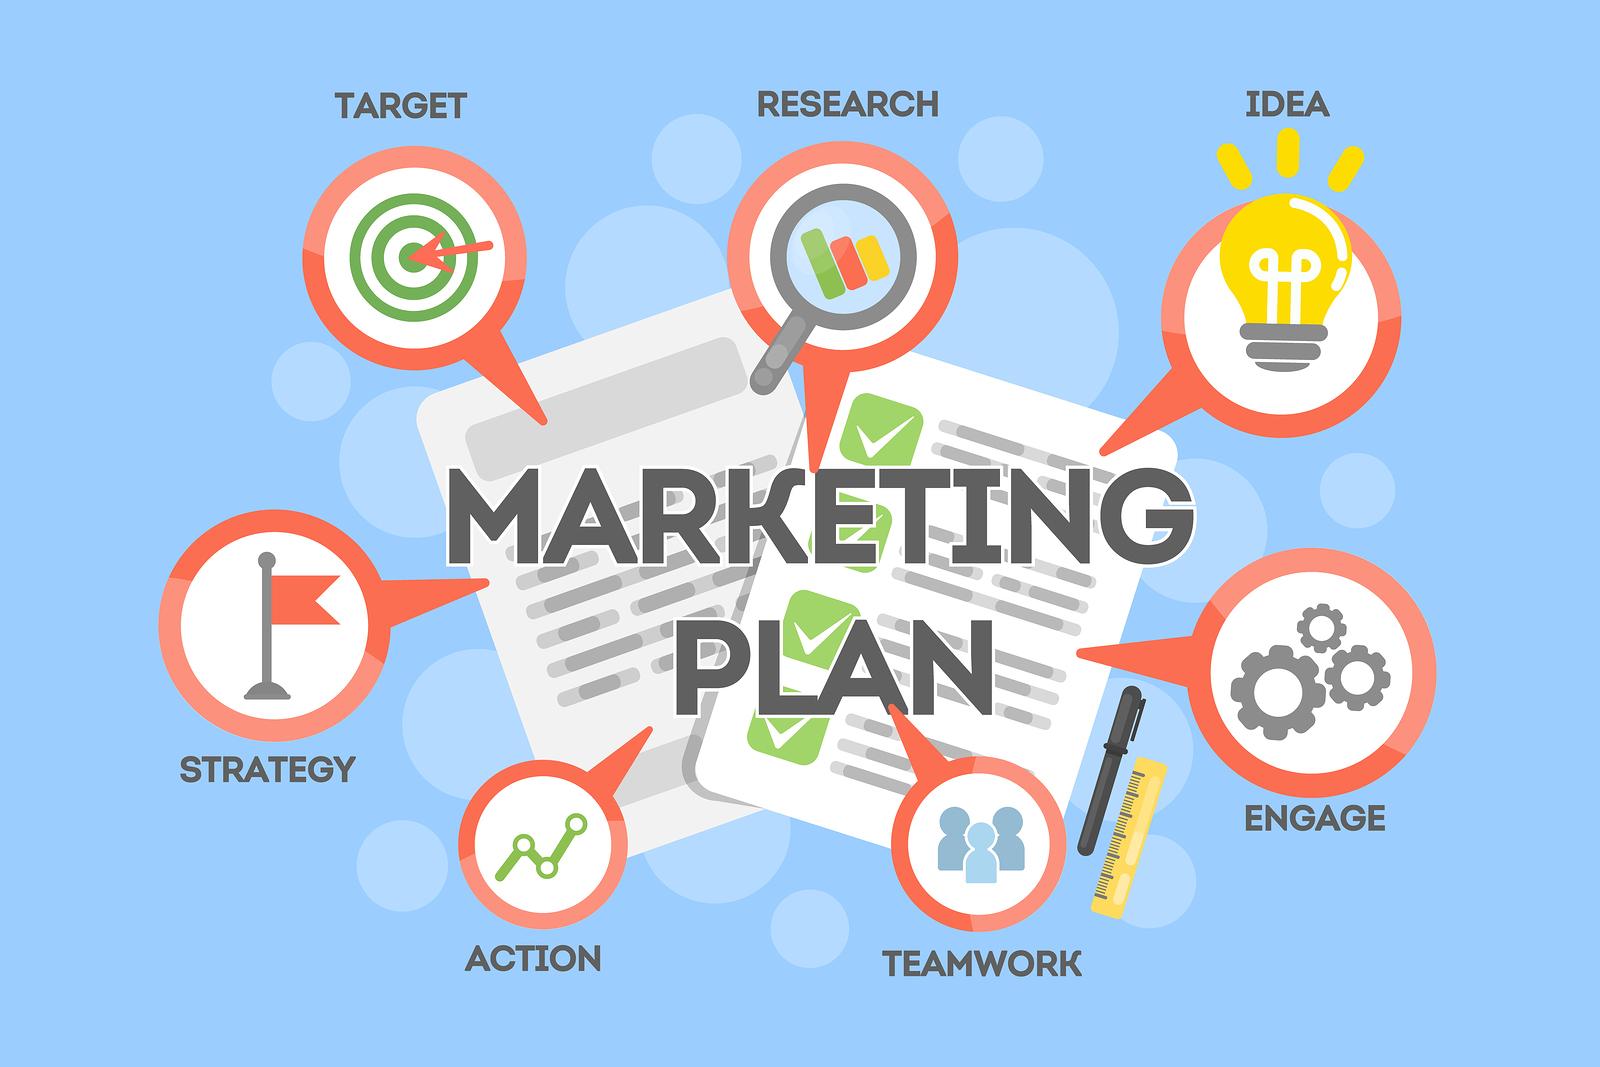 Kế hoạch marketing là gì? Chia sẻ mẫu kế hoạch cụ thể 1